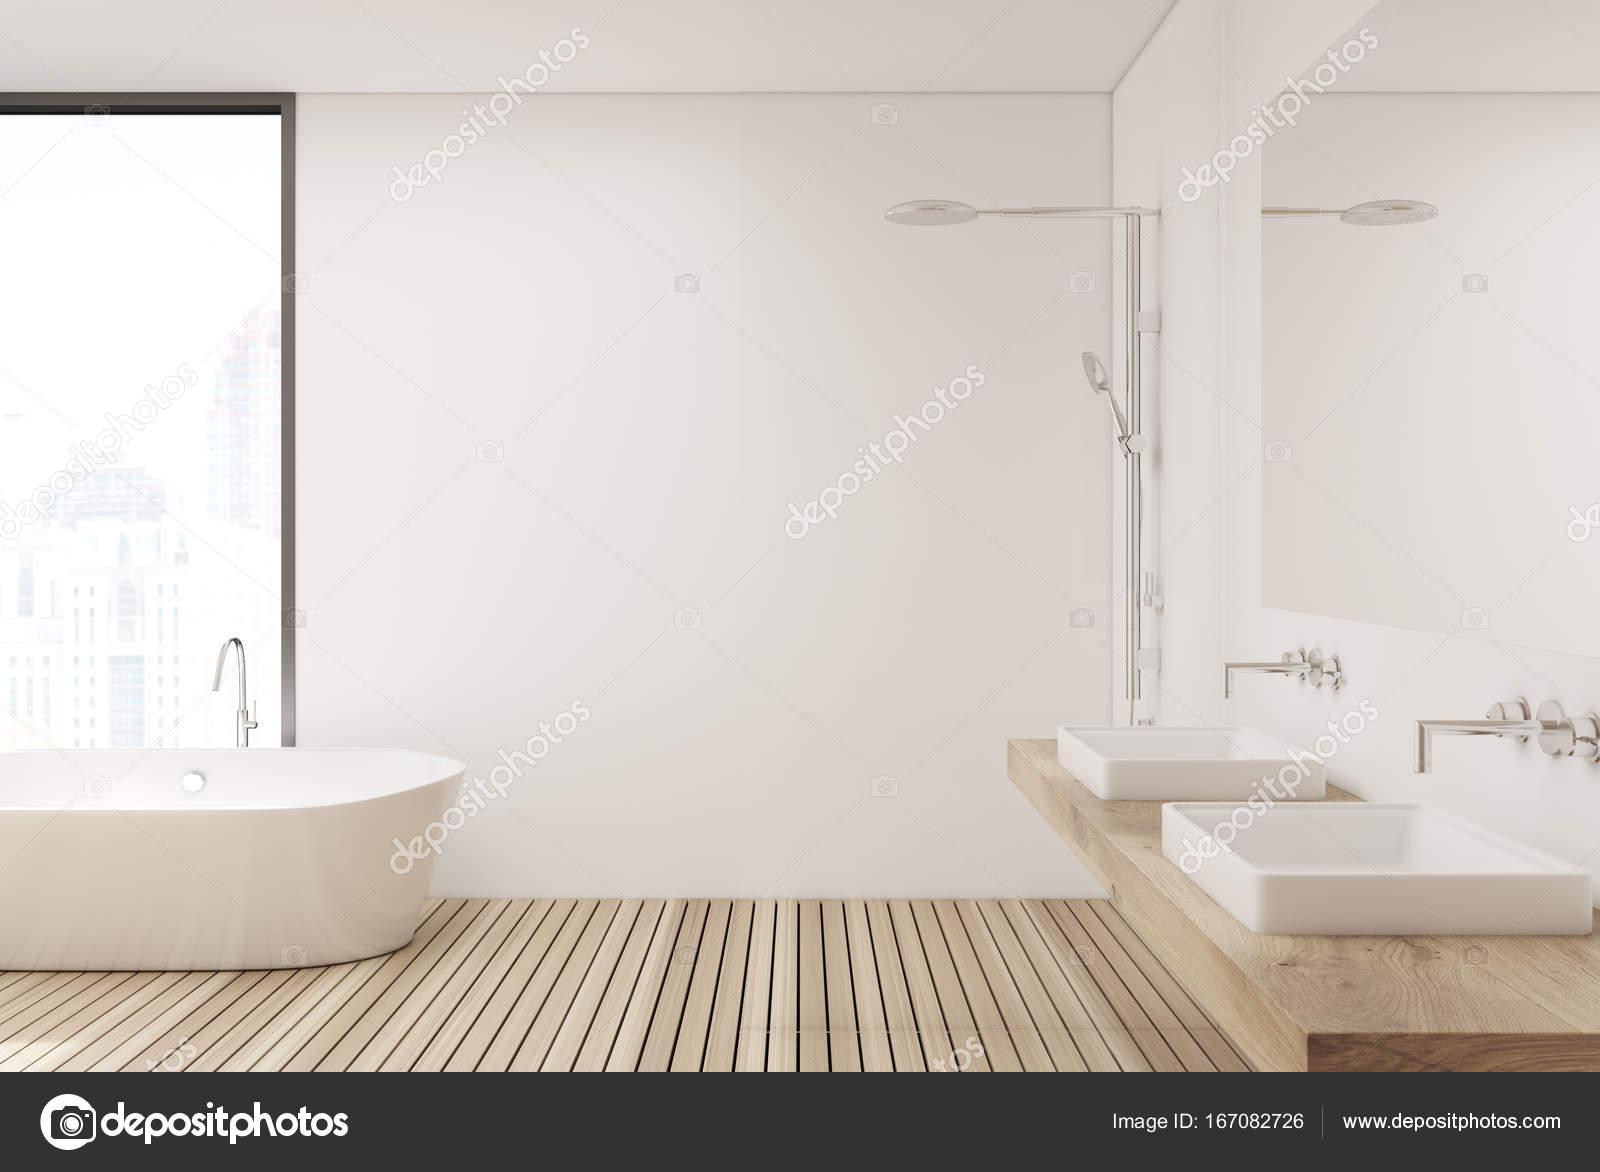 Holzboden-Bad und Dusche, Seite — Stockfoto © denisismagilov #167082726